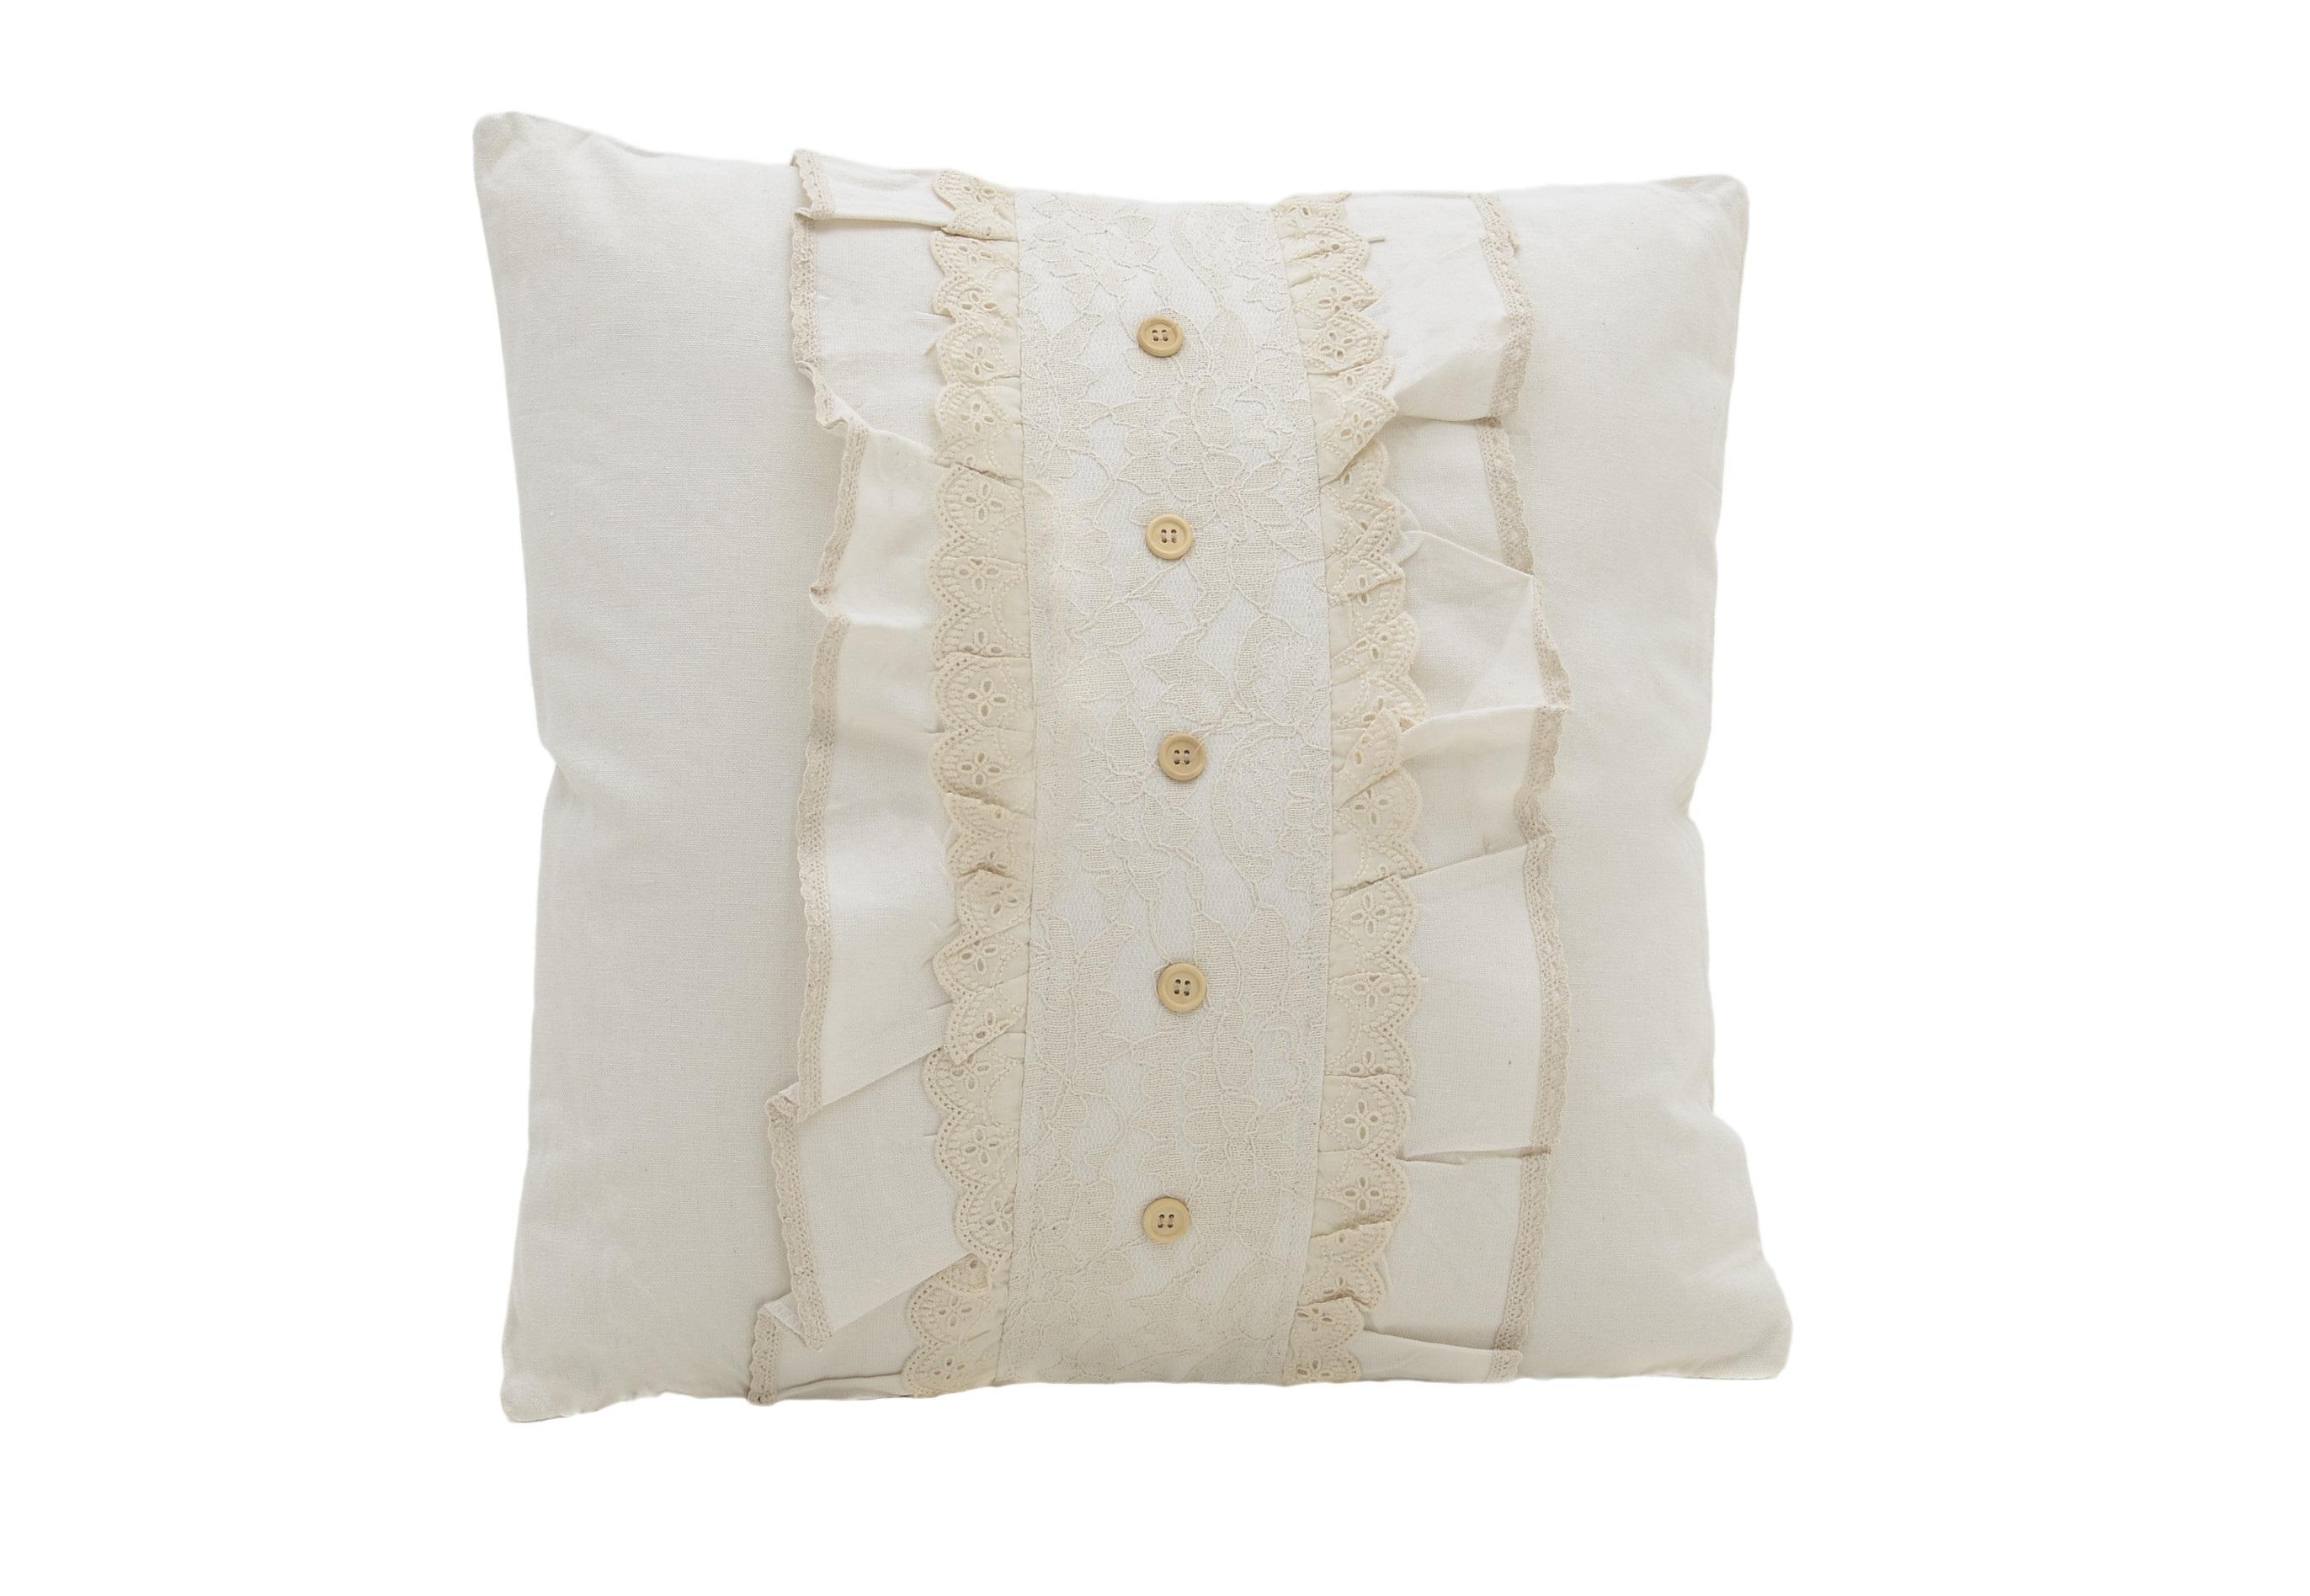 Подушка MahirКвадратные подушки и наволочки<br><br><br>Material: Текстиль<br>Ширина см: 45<br>Высота см: 45<br>Глубина см: 8